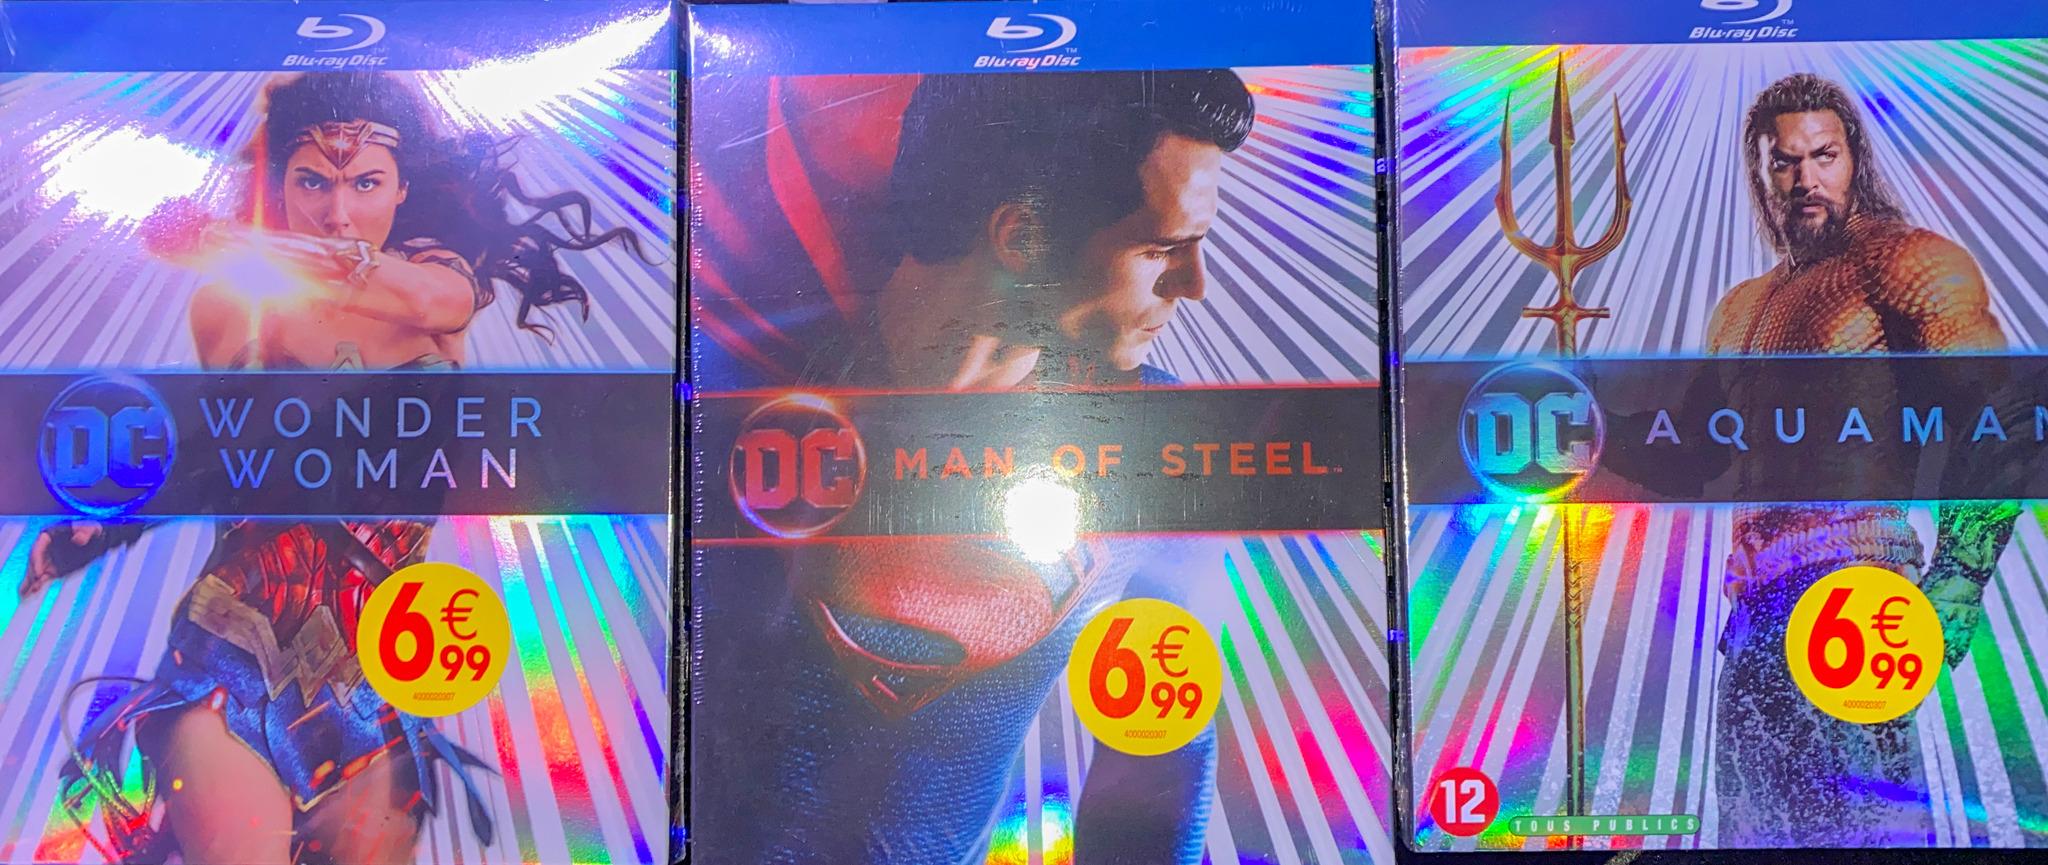 Sélection de Blu-ray DC COMICS en promotion - Ex: Blu-Ray Aquaman - Lyon Vénissieux (69)